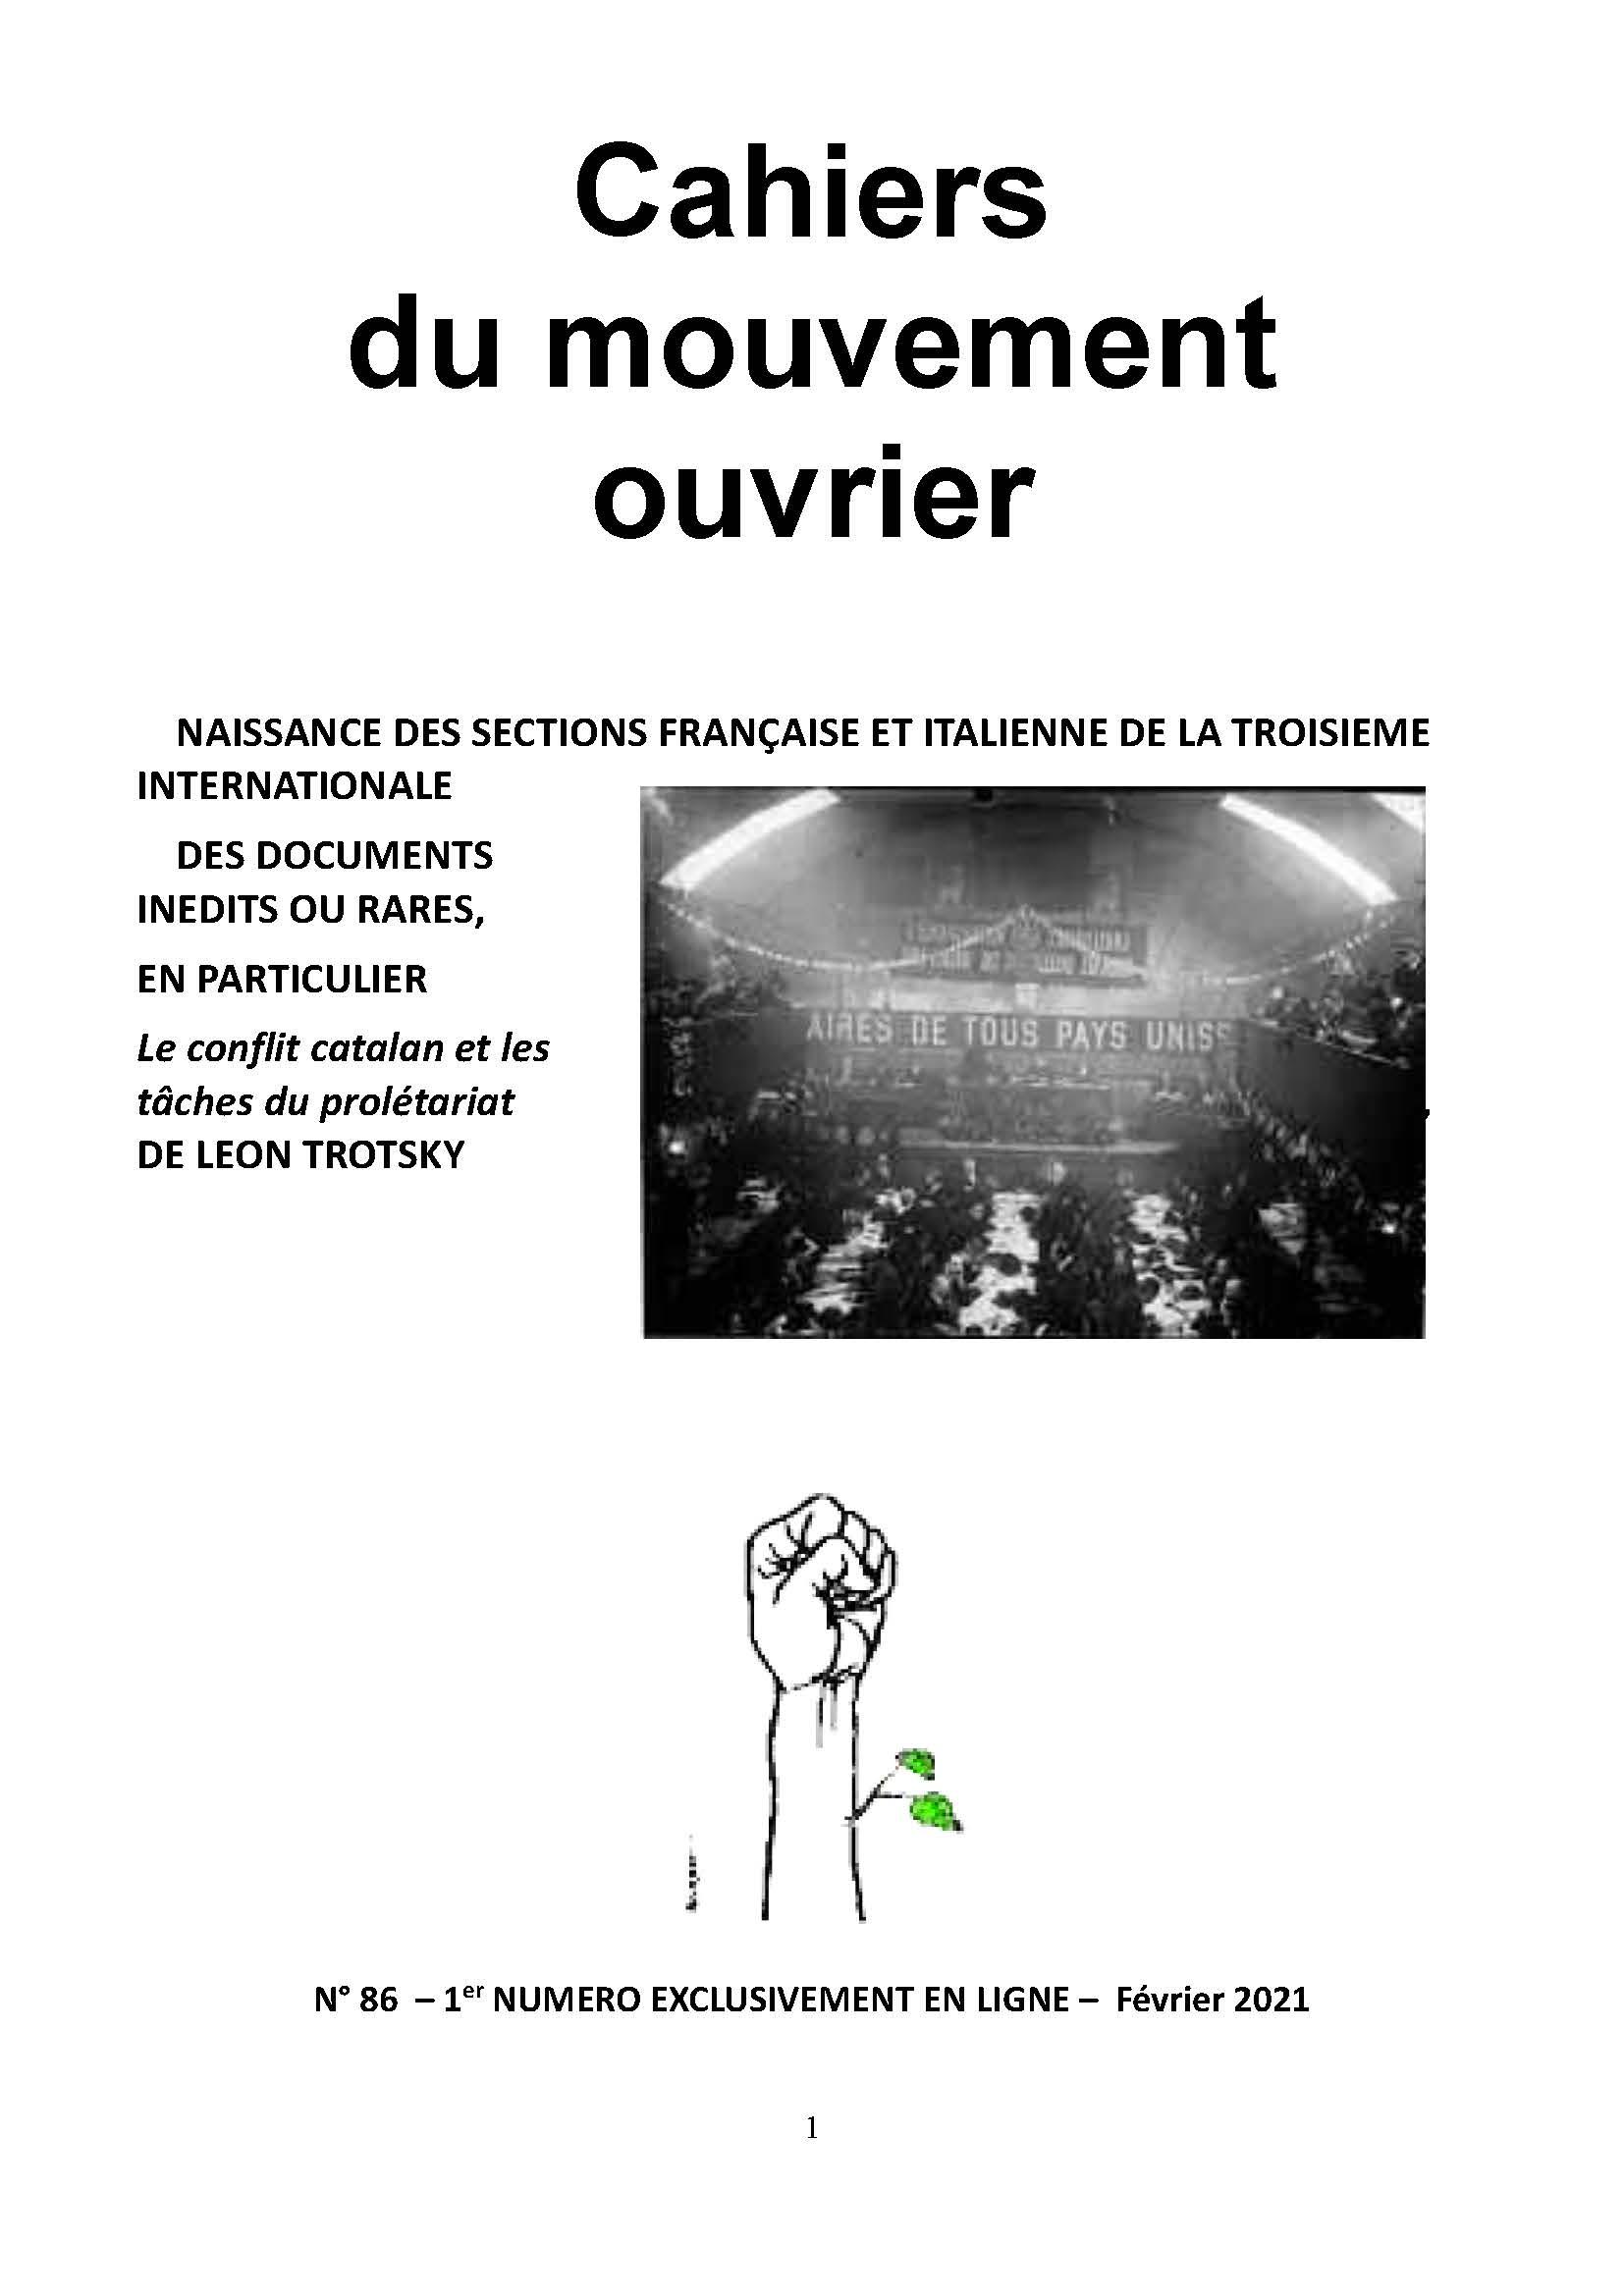 Cahiers du mouvement ouvrier 86